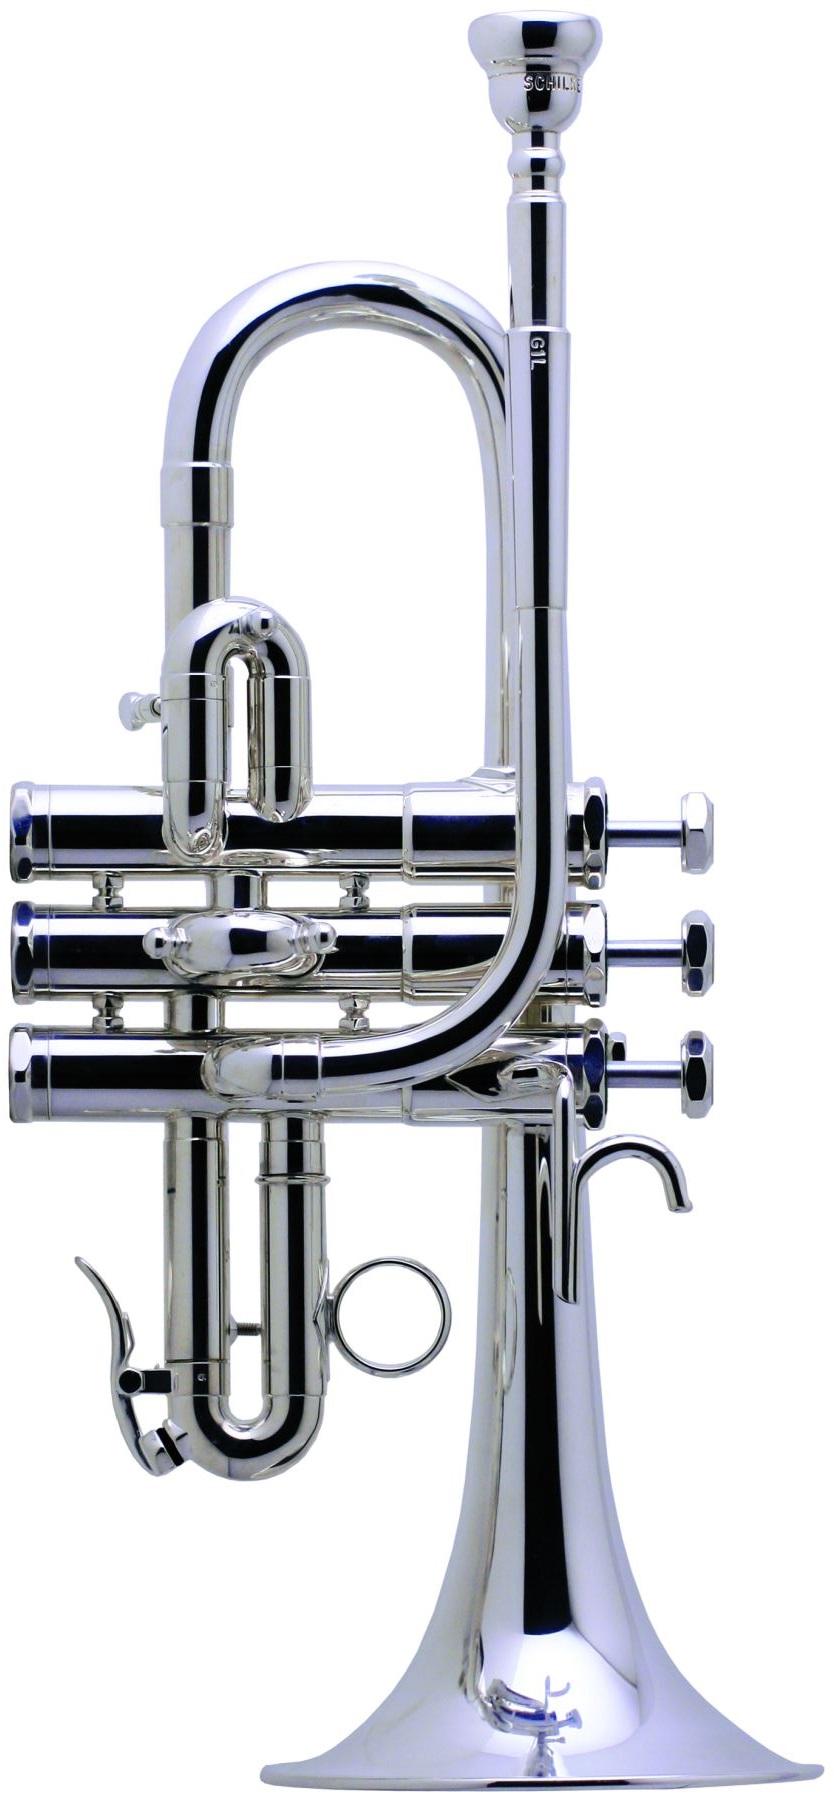 Schilke - G1L - Blechblasinstrumente - Trompeten mit Perinet-Ventilen | MUSIK BERTRAM Deutschland Freiburg